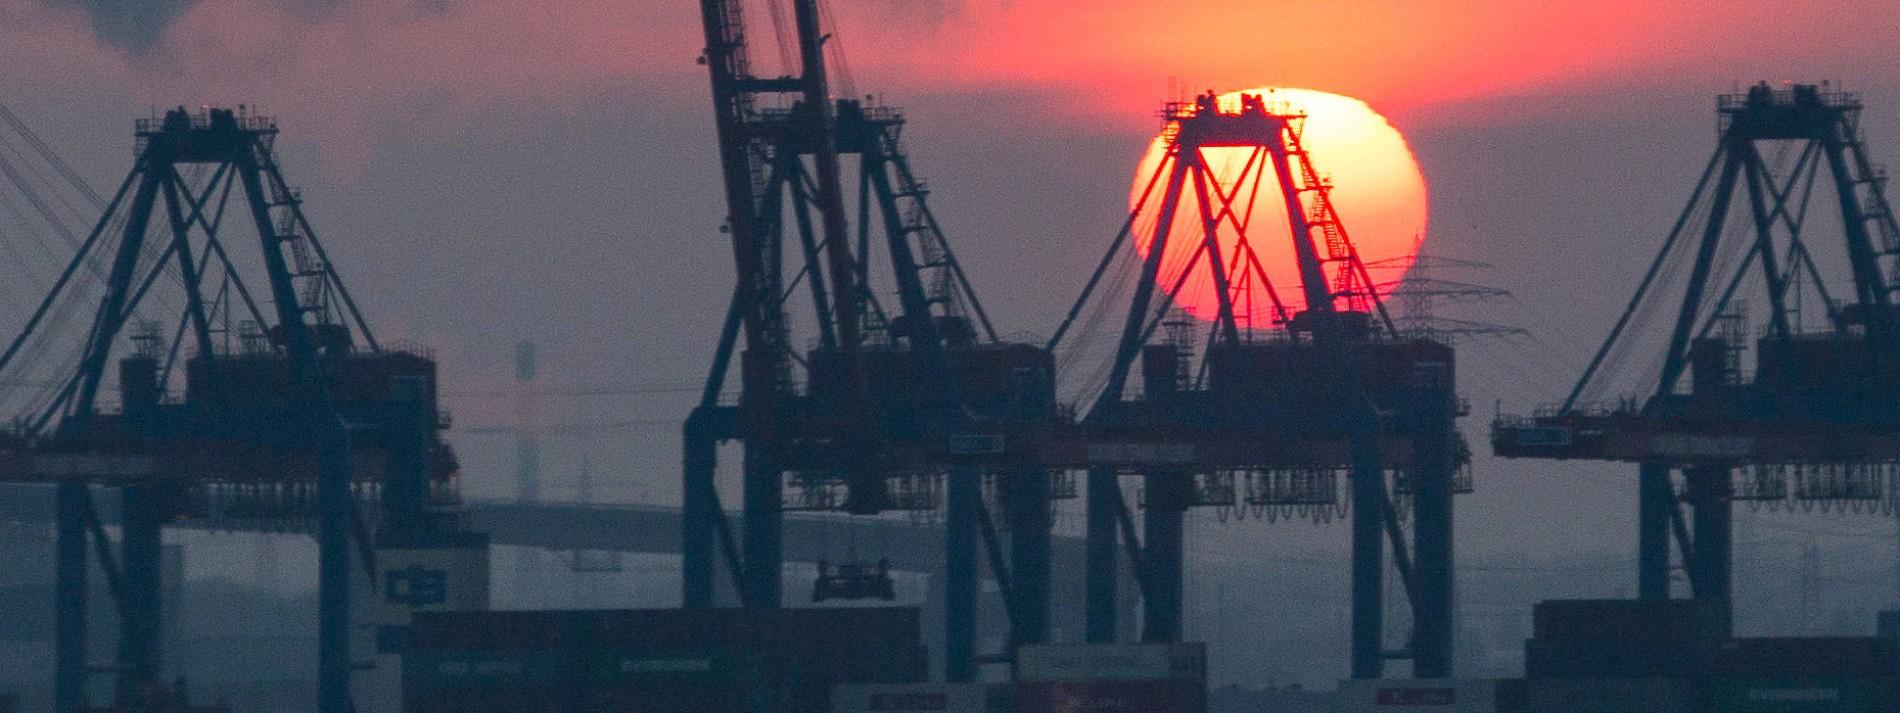 Deutsches BIP wächst schneller als gedacht